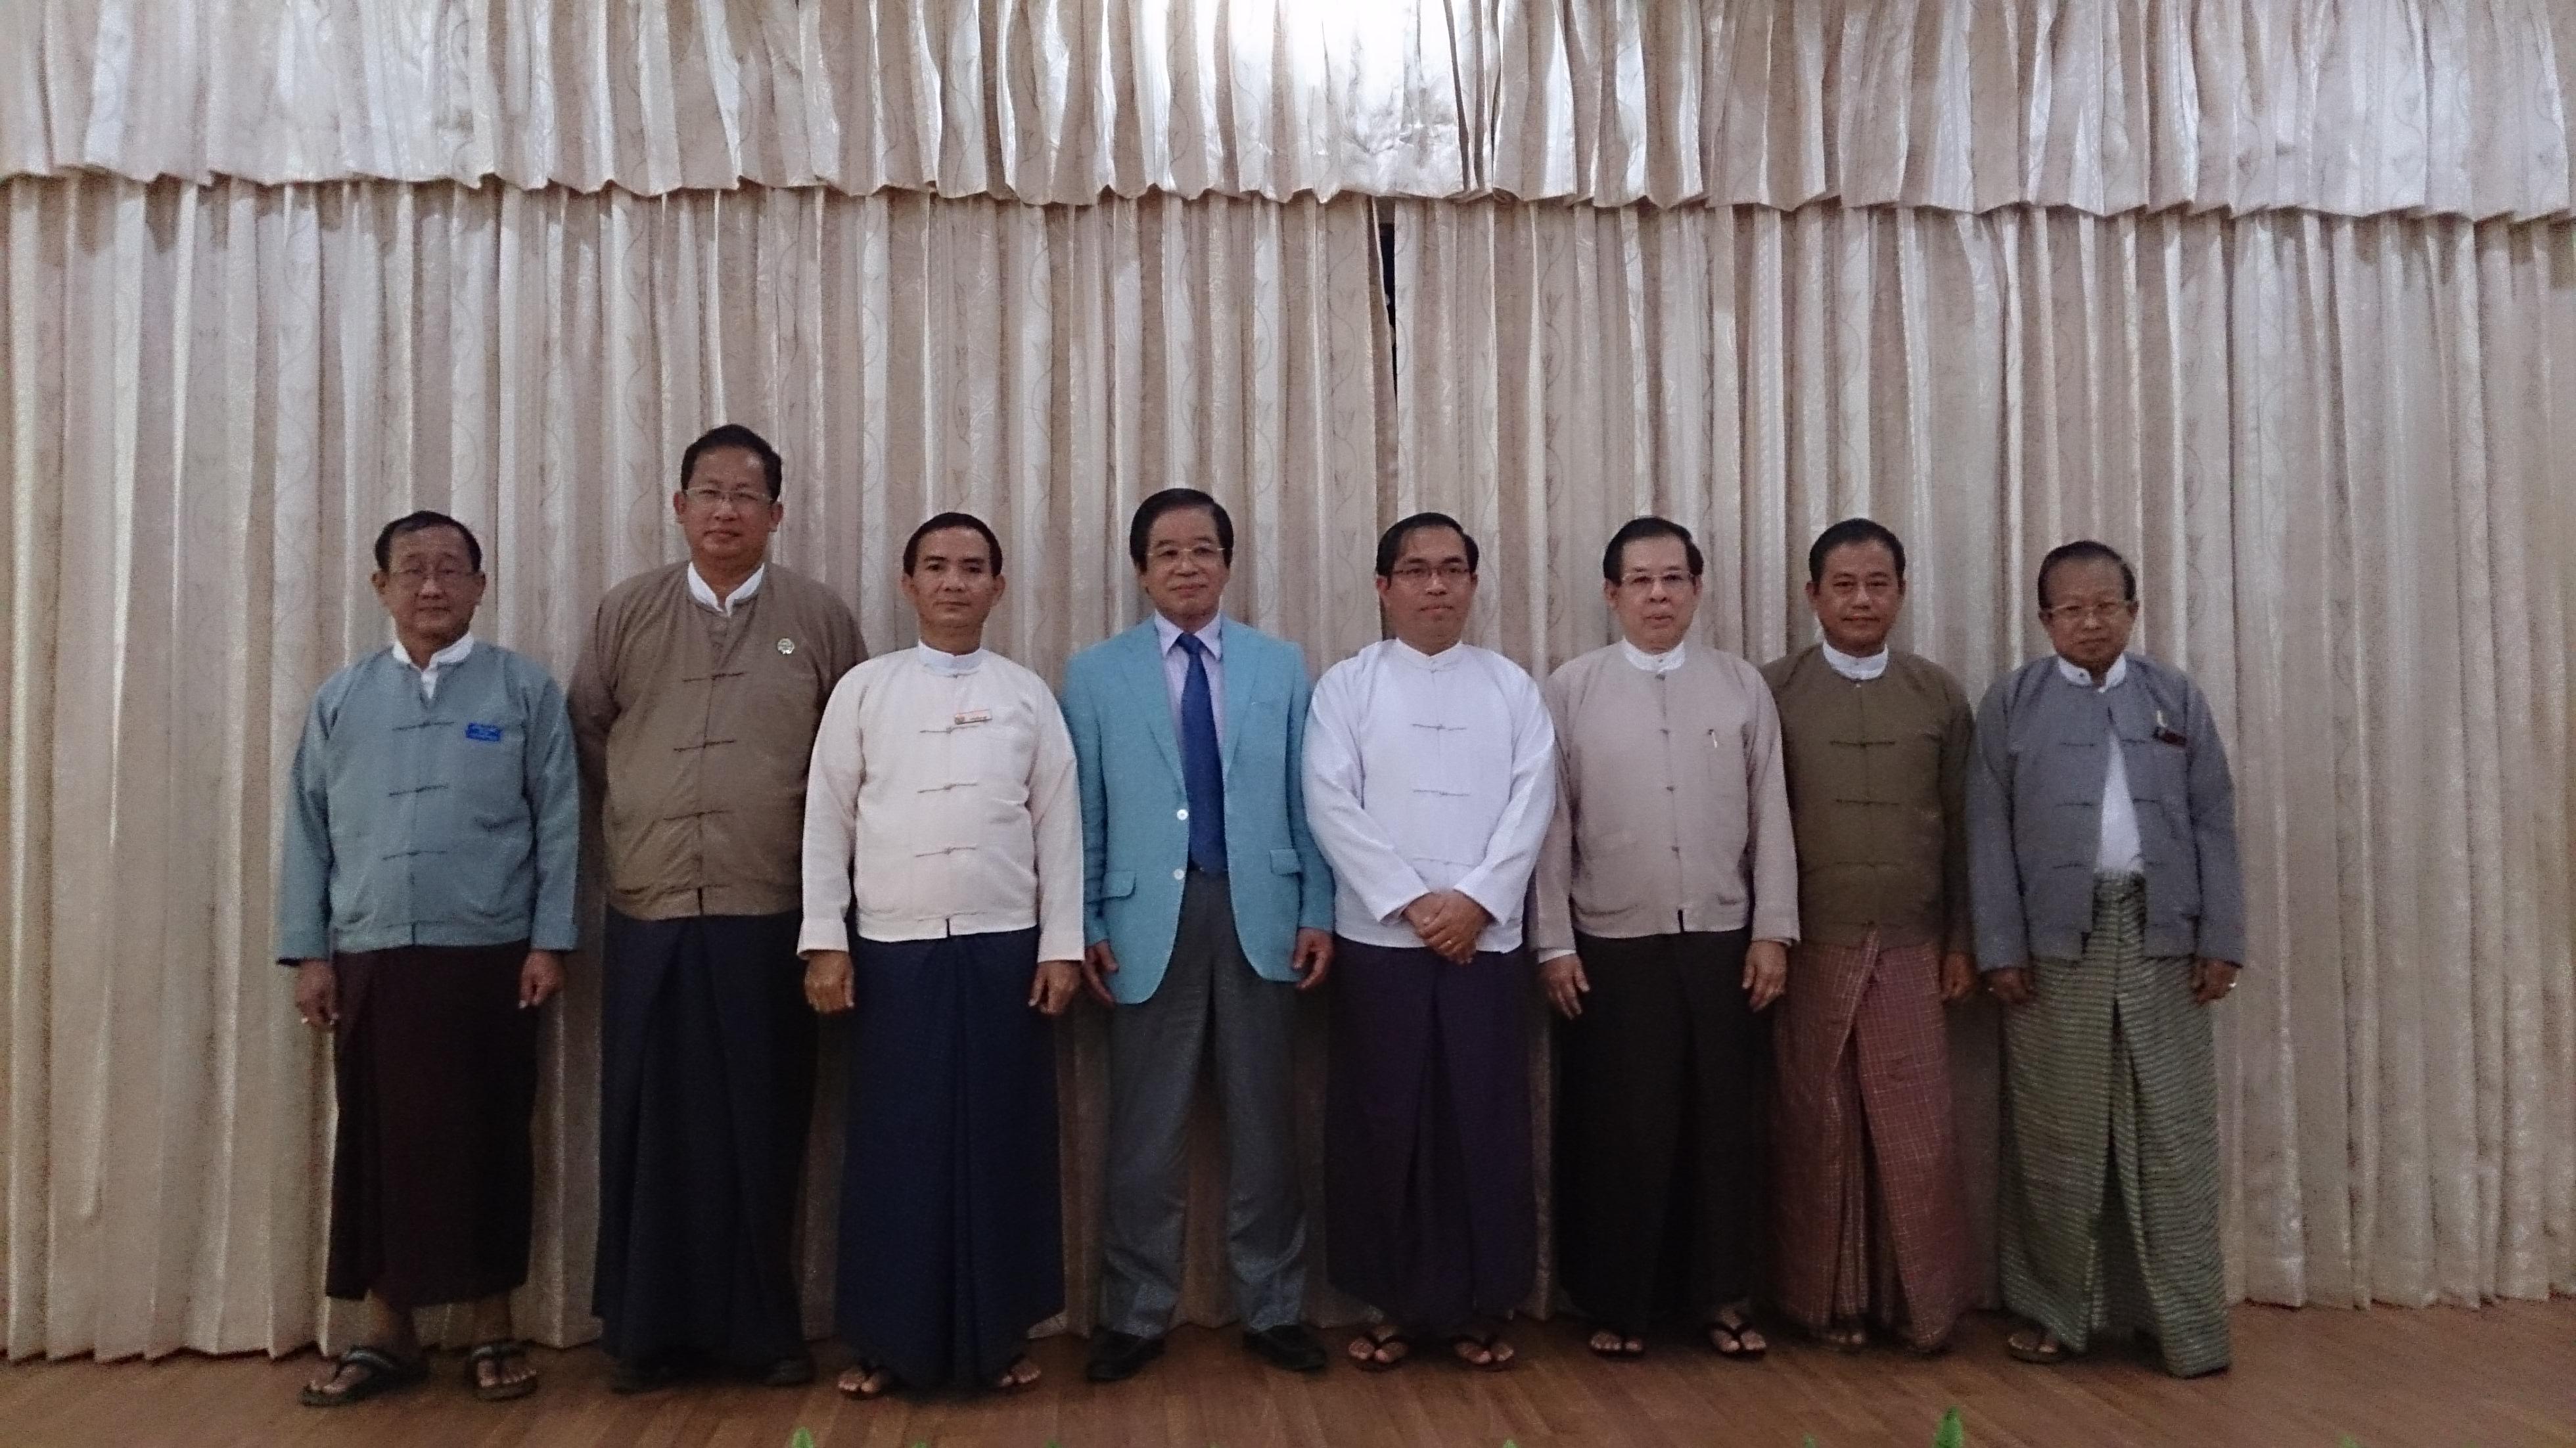 日本ミャンマー職業訓練学校 ステアリングコミッティ